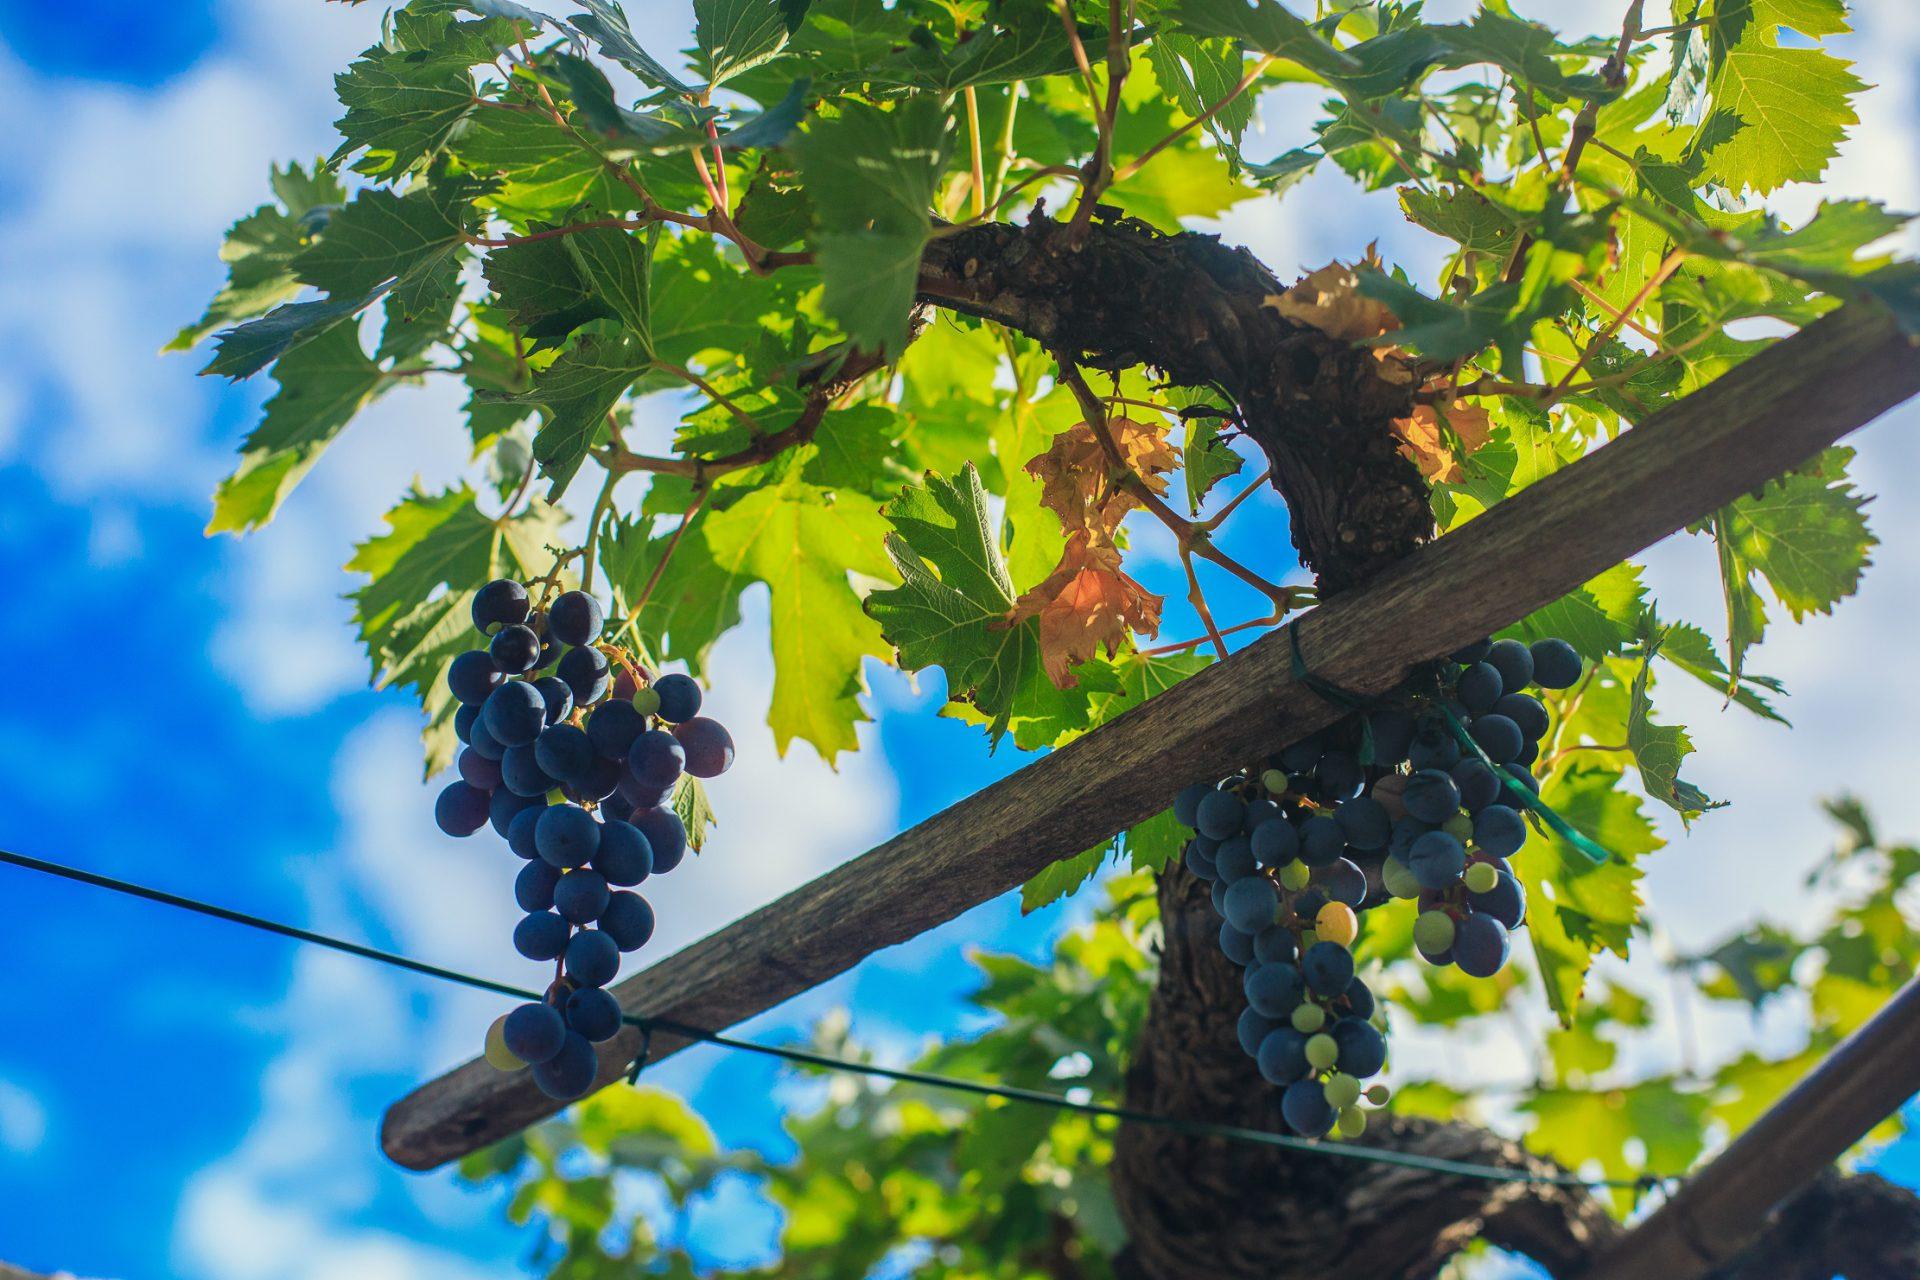 Najava Javnog natječaja za mjeru Ulaganja u vinarije i marketing vina -  Agencija za plaćanja u poljoprivredi, ribarstvu i ruralnom razvoju